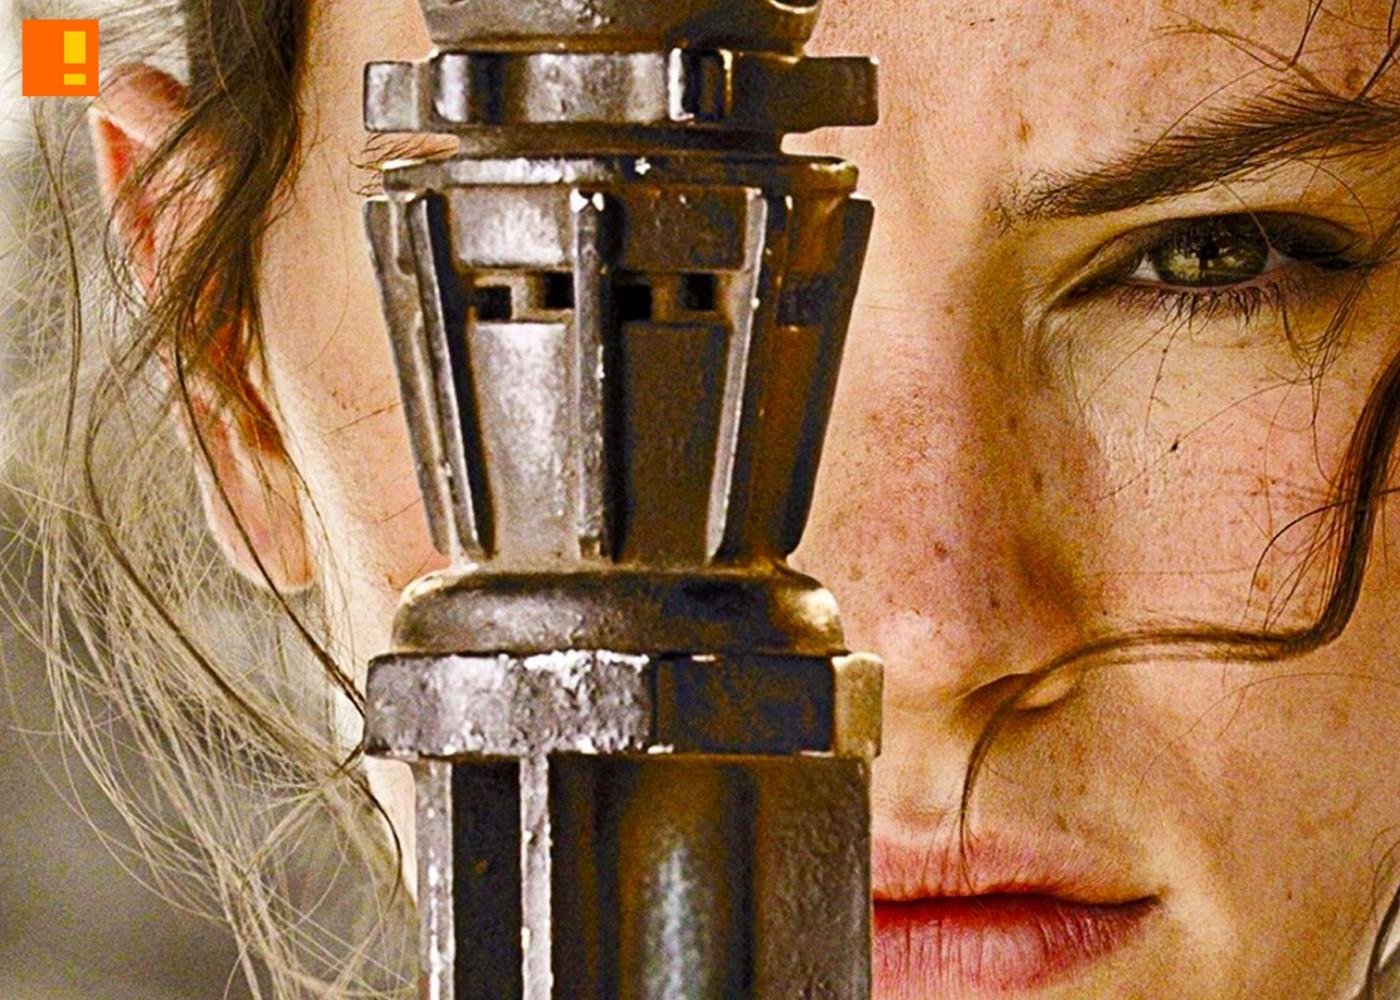 rey, star wars, the force awakens, tribeca film festival, j.j. abrams, chris rock, lightsaber,skywalker, obi wan kenobi